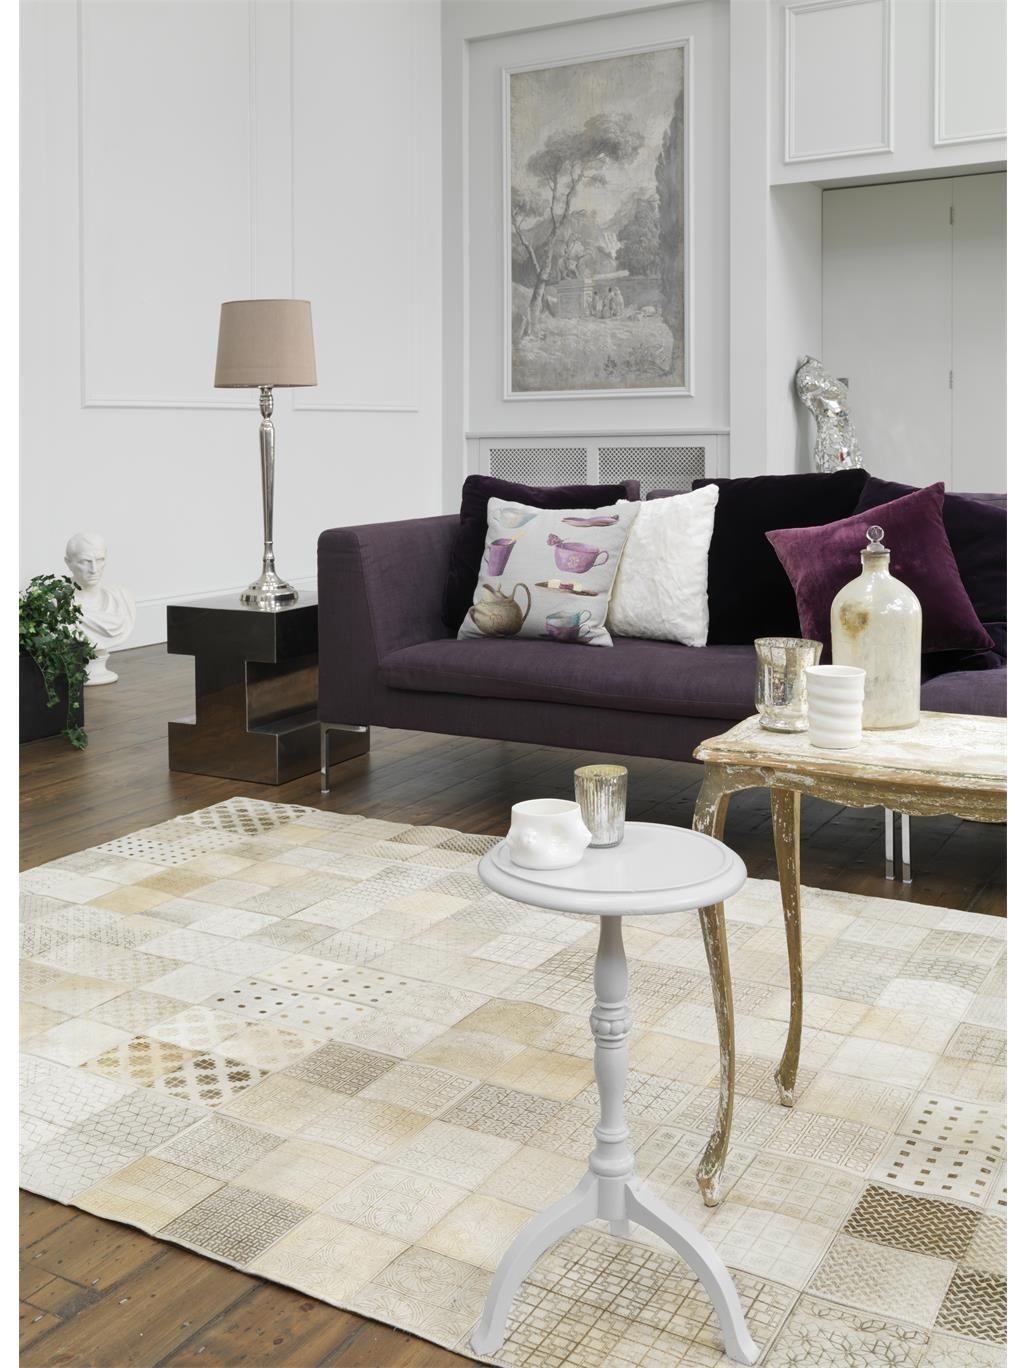 ob nat rlich oder ausgefallen unsere rodeo lederteppiche bringen einen besonderen look zu. Black Bedroom Furniture Sets. Home Design Ideas